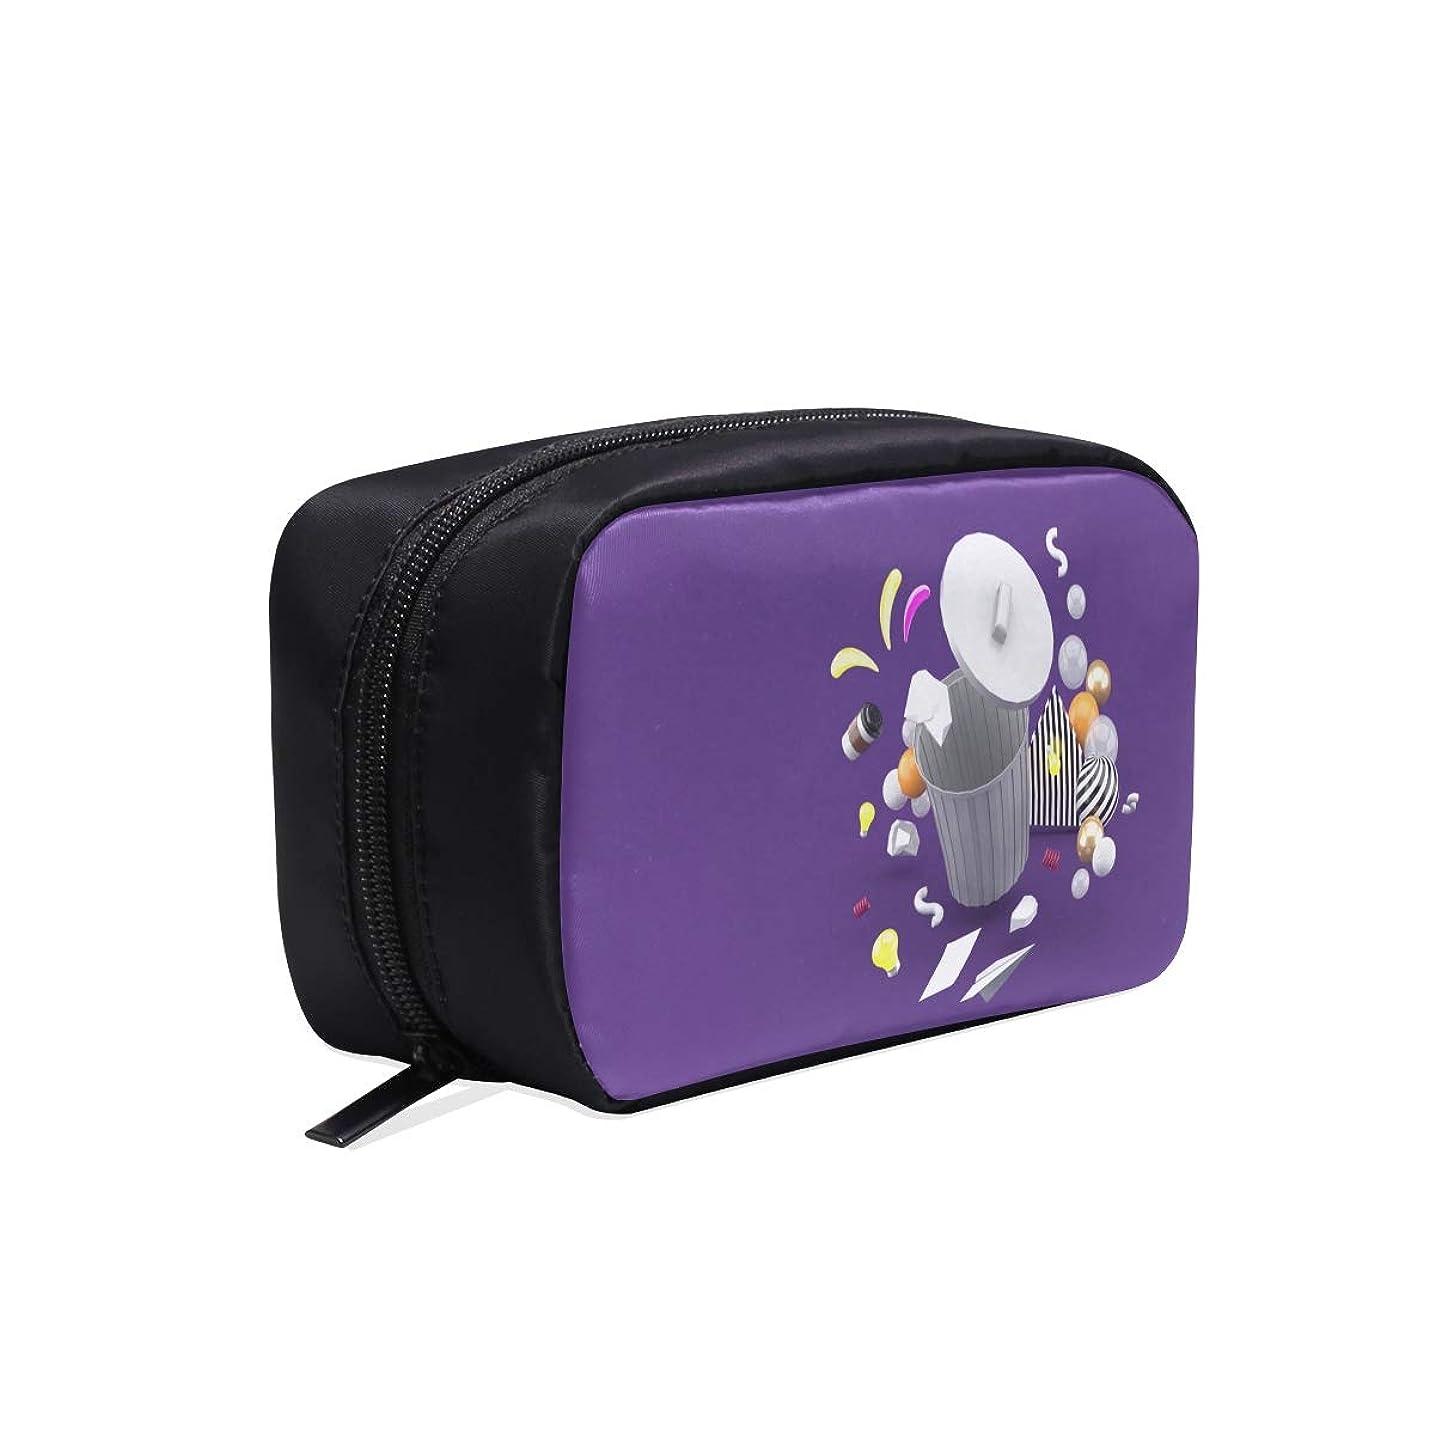 ゴシップセントアンプMDKHJ メイクポーチ ゴミ箱3d ボックス コスメ収納 化粧品収納ケース 大容量 収納 化粧品入れ 化粧バッグ 旅行用 メイクブラシバッグ 化粧箱 持ち運び便利 プロ用